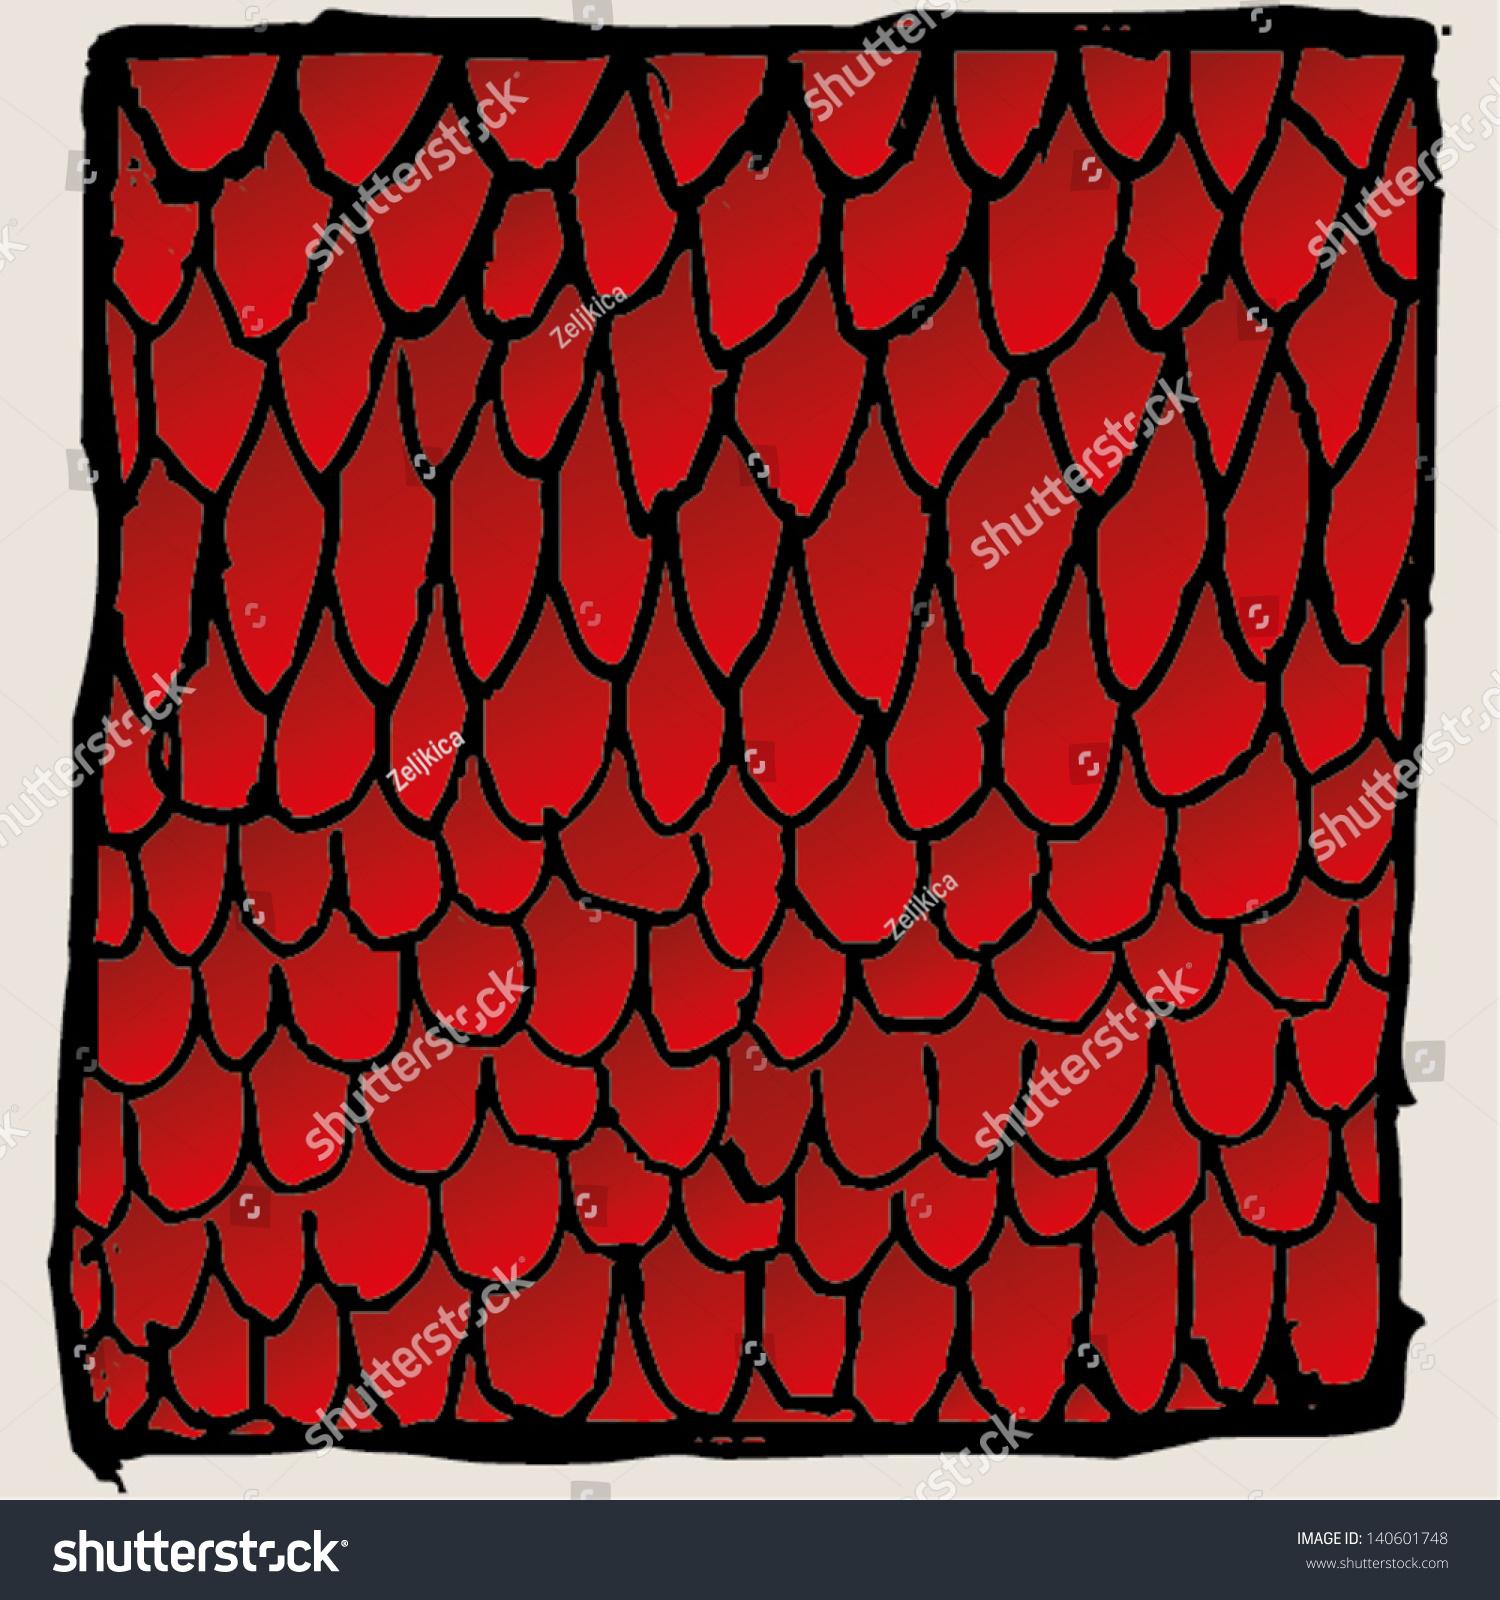 抽象屋顶瓦片图矢量图.红色.-背景/素材,抽象-海洛()